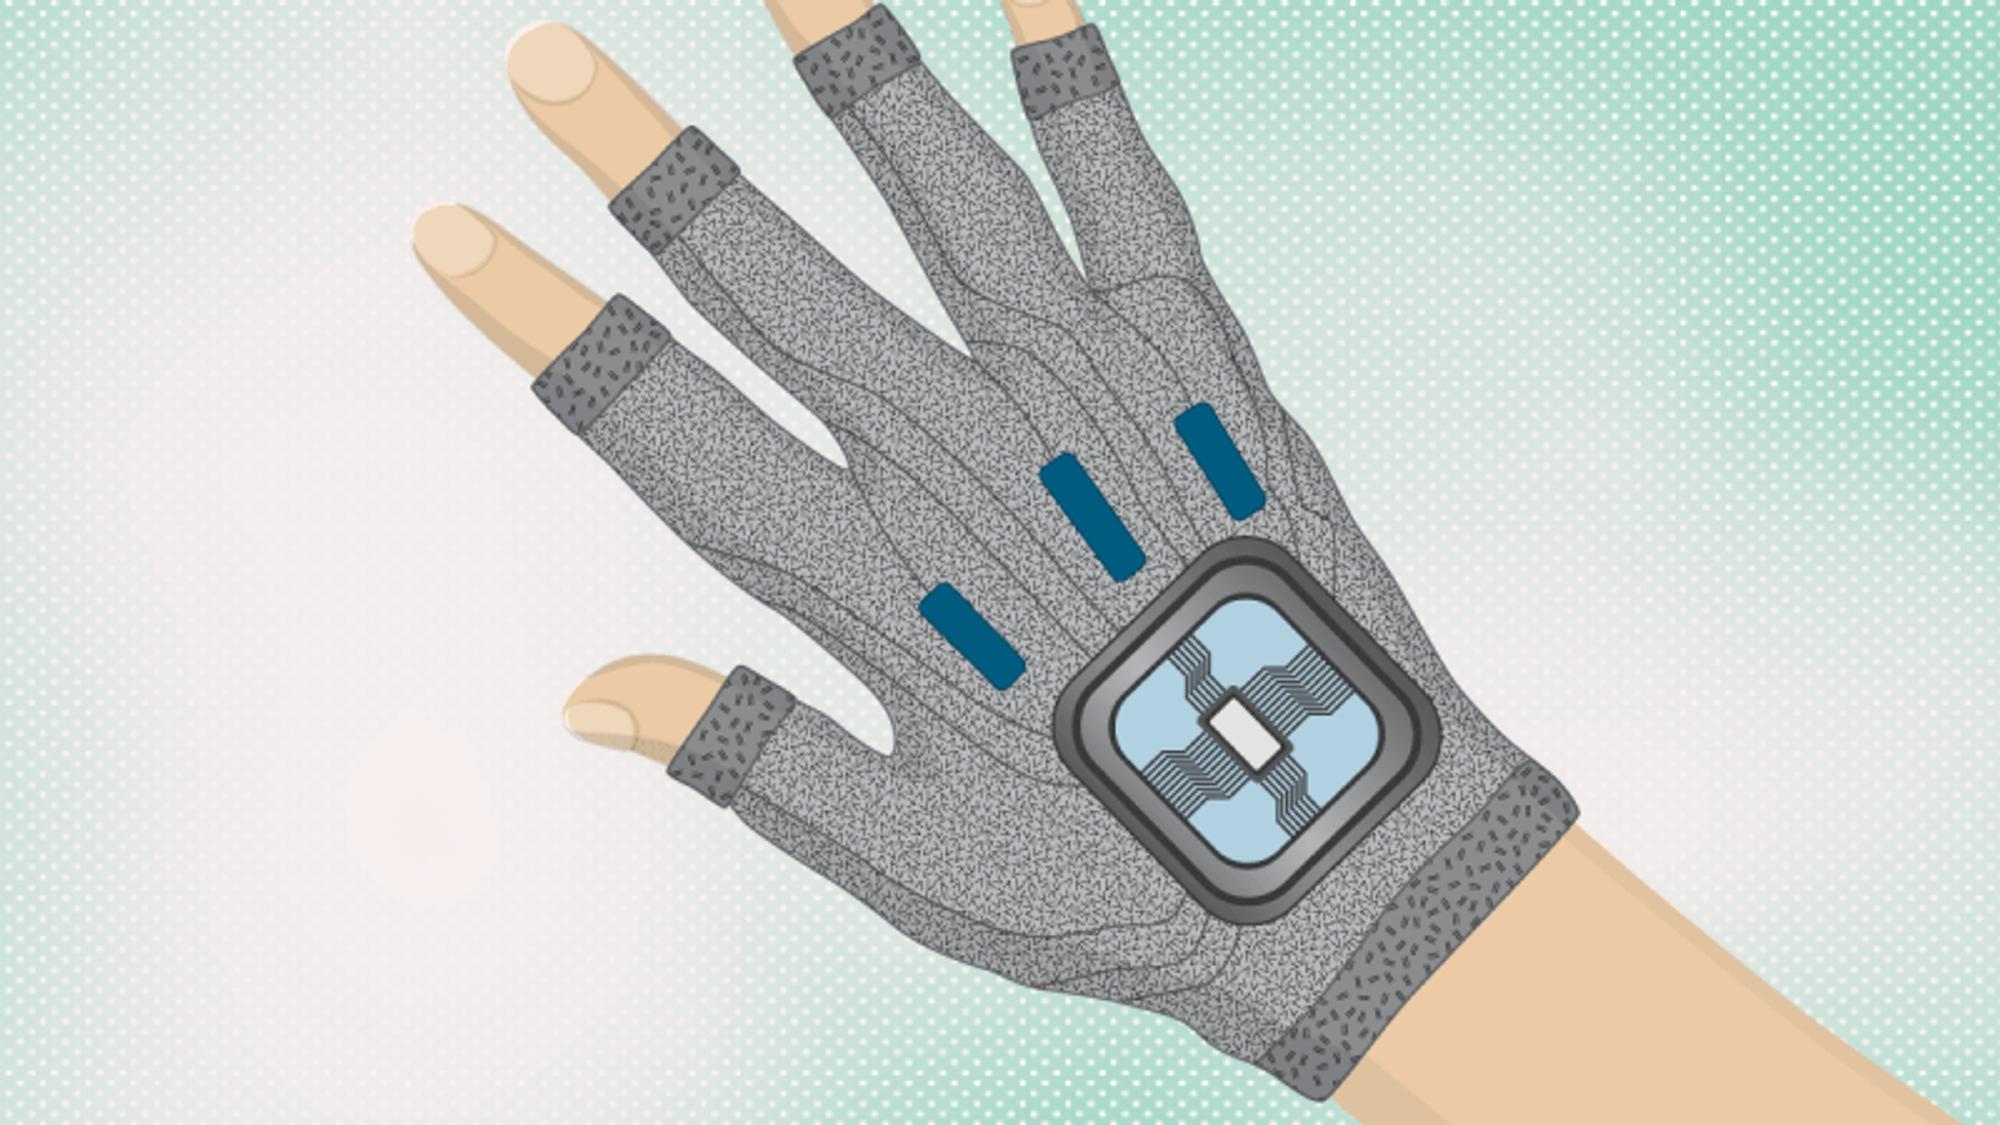 Hansker med fleksible bevegelsessensorer av silke og nanoleire, kan gjøre kirurgene mer nøyaktige.